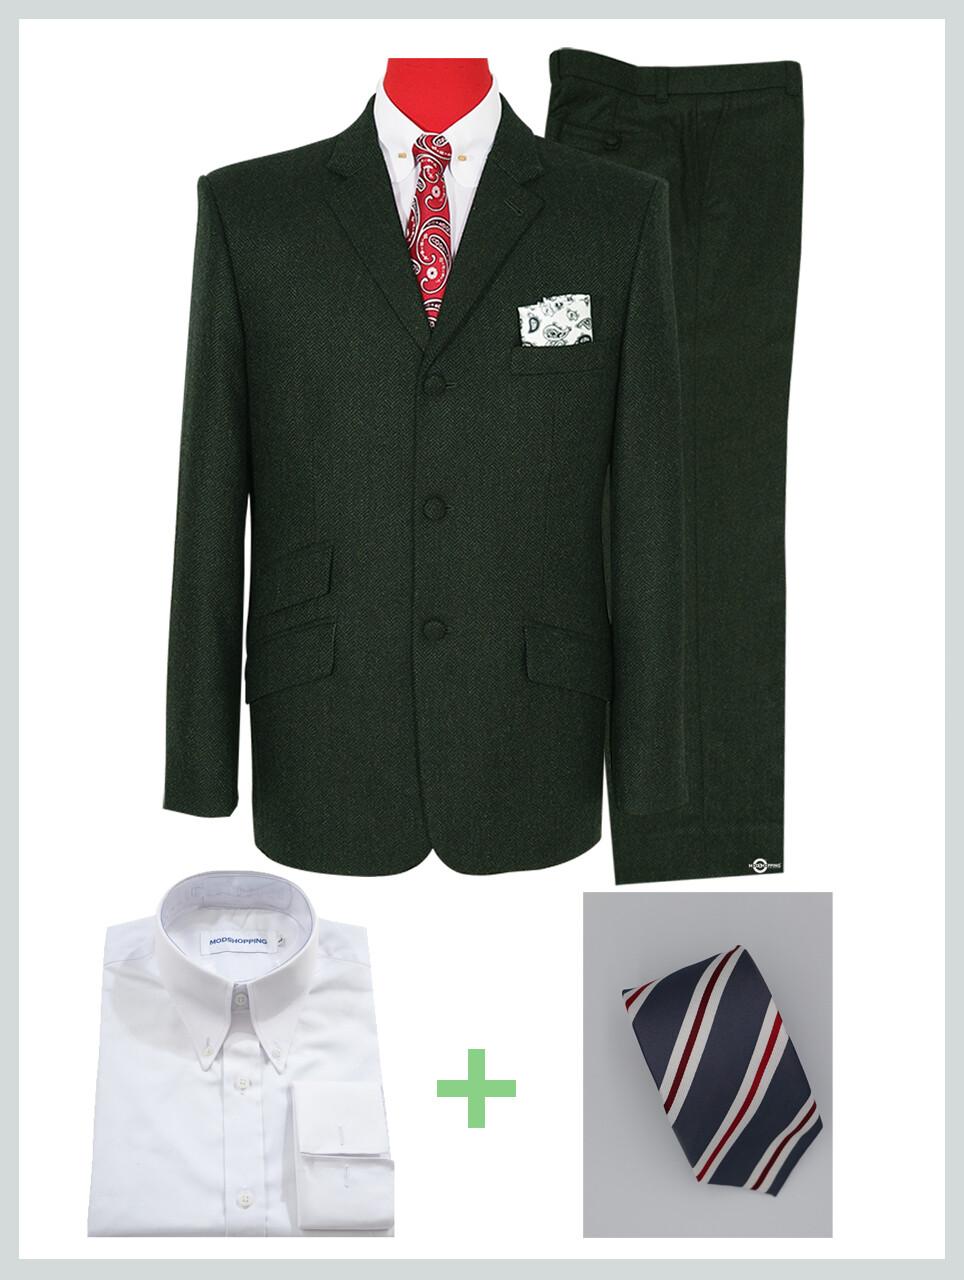 2 Piece Suit Package | Dark Green Tweed Mod Suit For Men